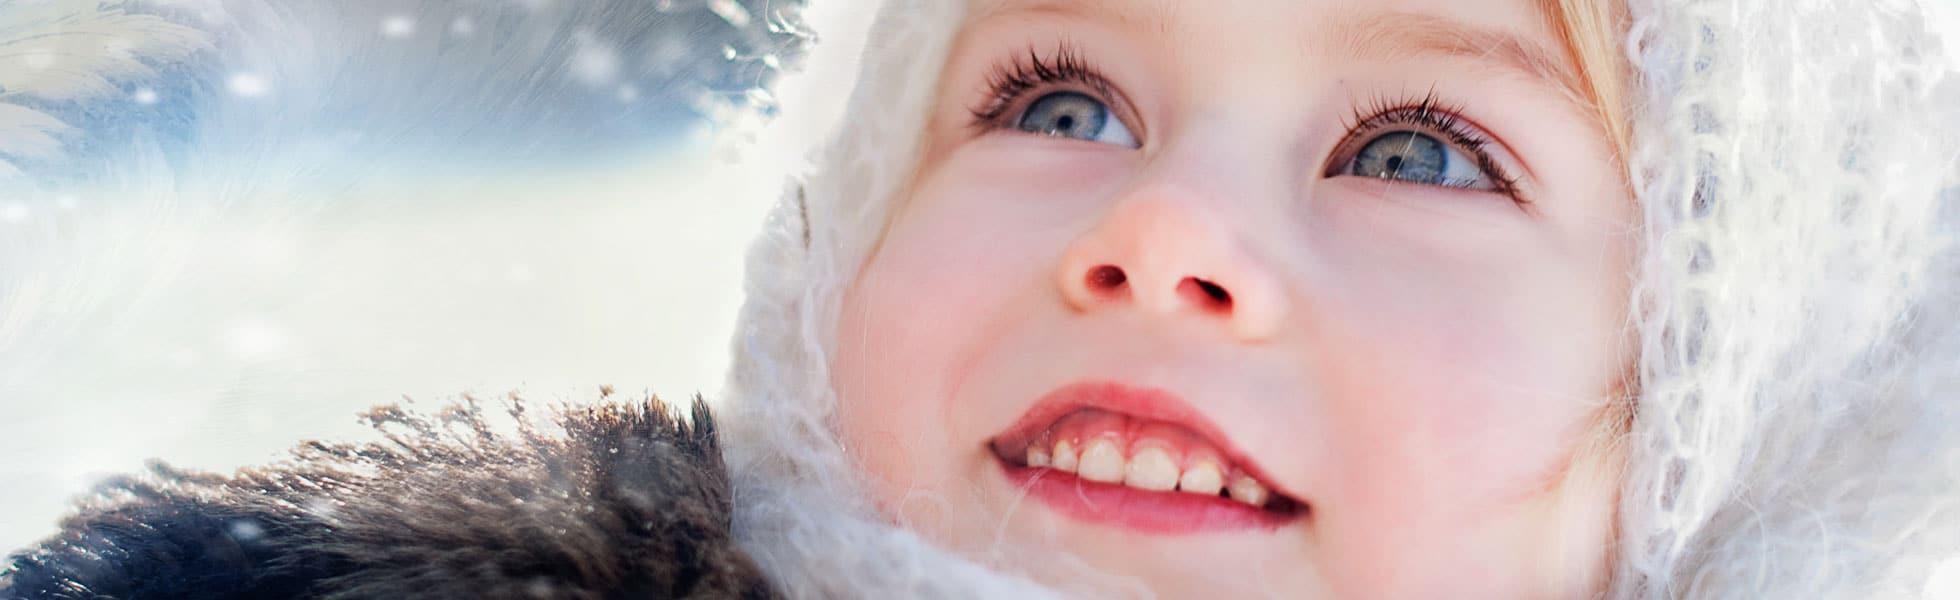 מימוש זכויות לילדים בעלי צרכים מיוחדים